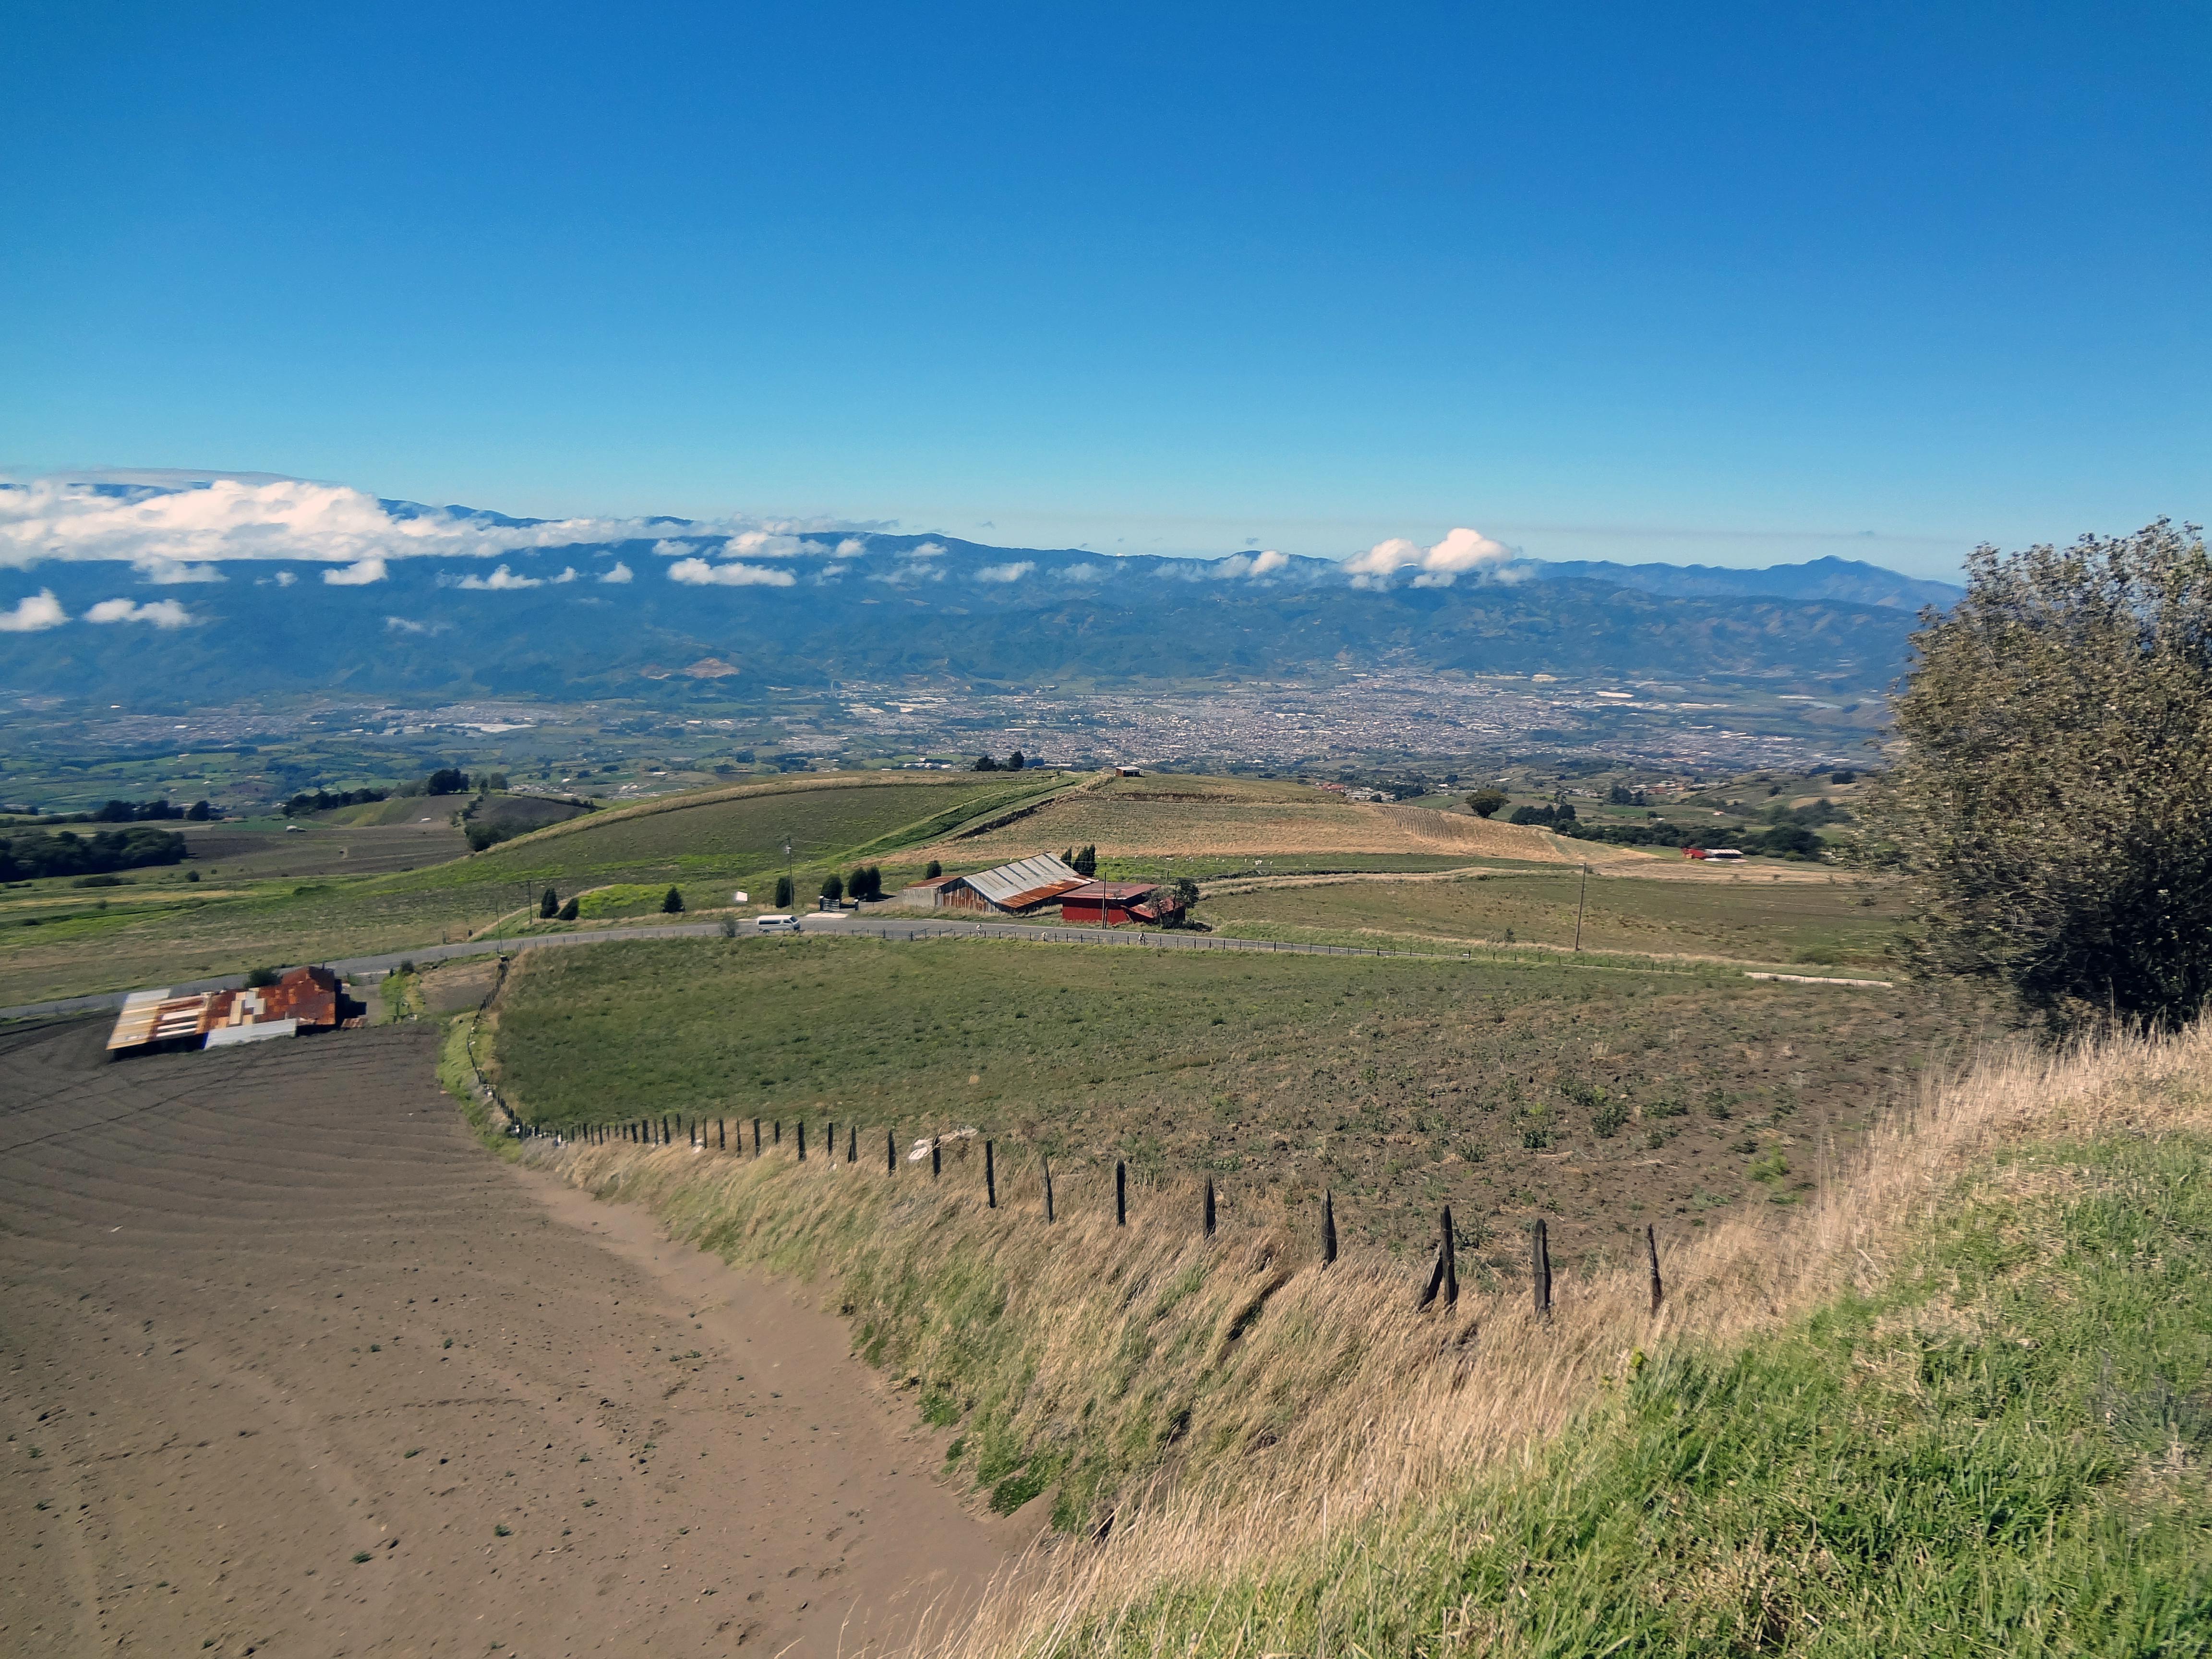 Descubre a los cuáqueros, los pioneros de Monteverde - Costa Rica Gran Viaje Costa Rica Express con Manuel Antonio